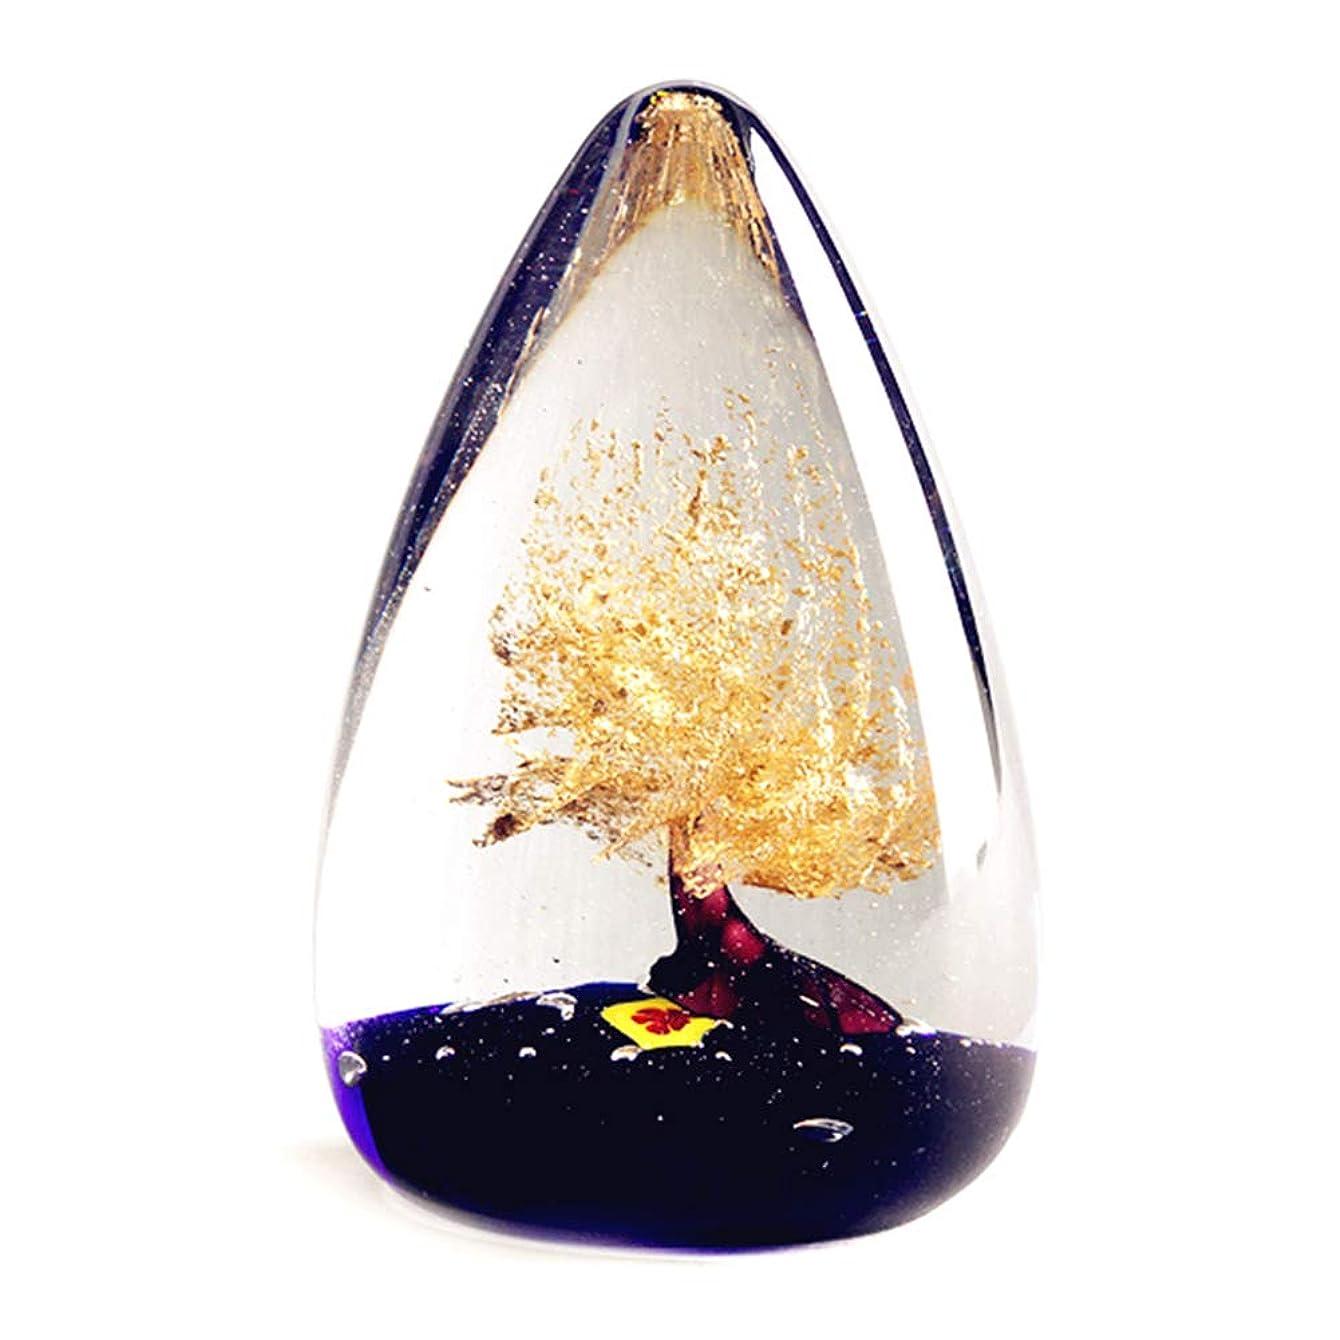 スクラブ鍔ケーブルカークリエイティブモダンホームラッキーマネーツリーの装飾品、品質の滑らかな半透明のガラス、三次元の手作り、水滴の形のアートの装飾